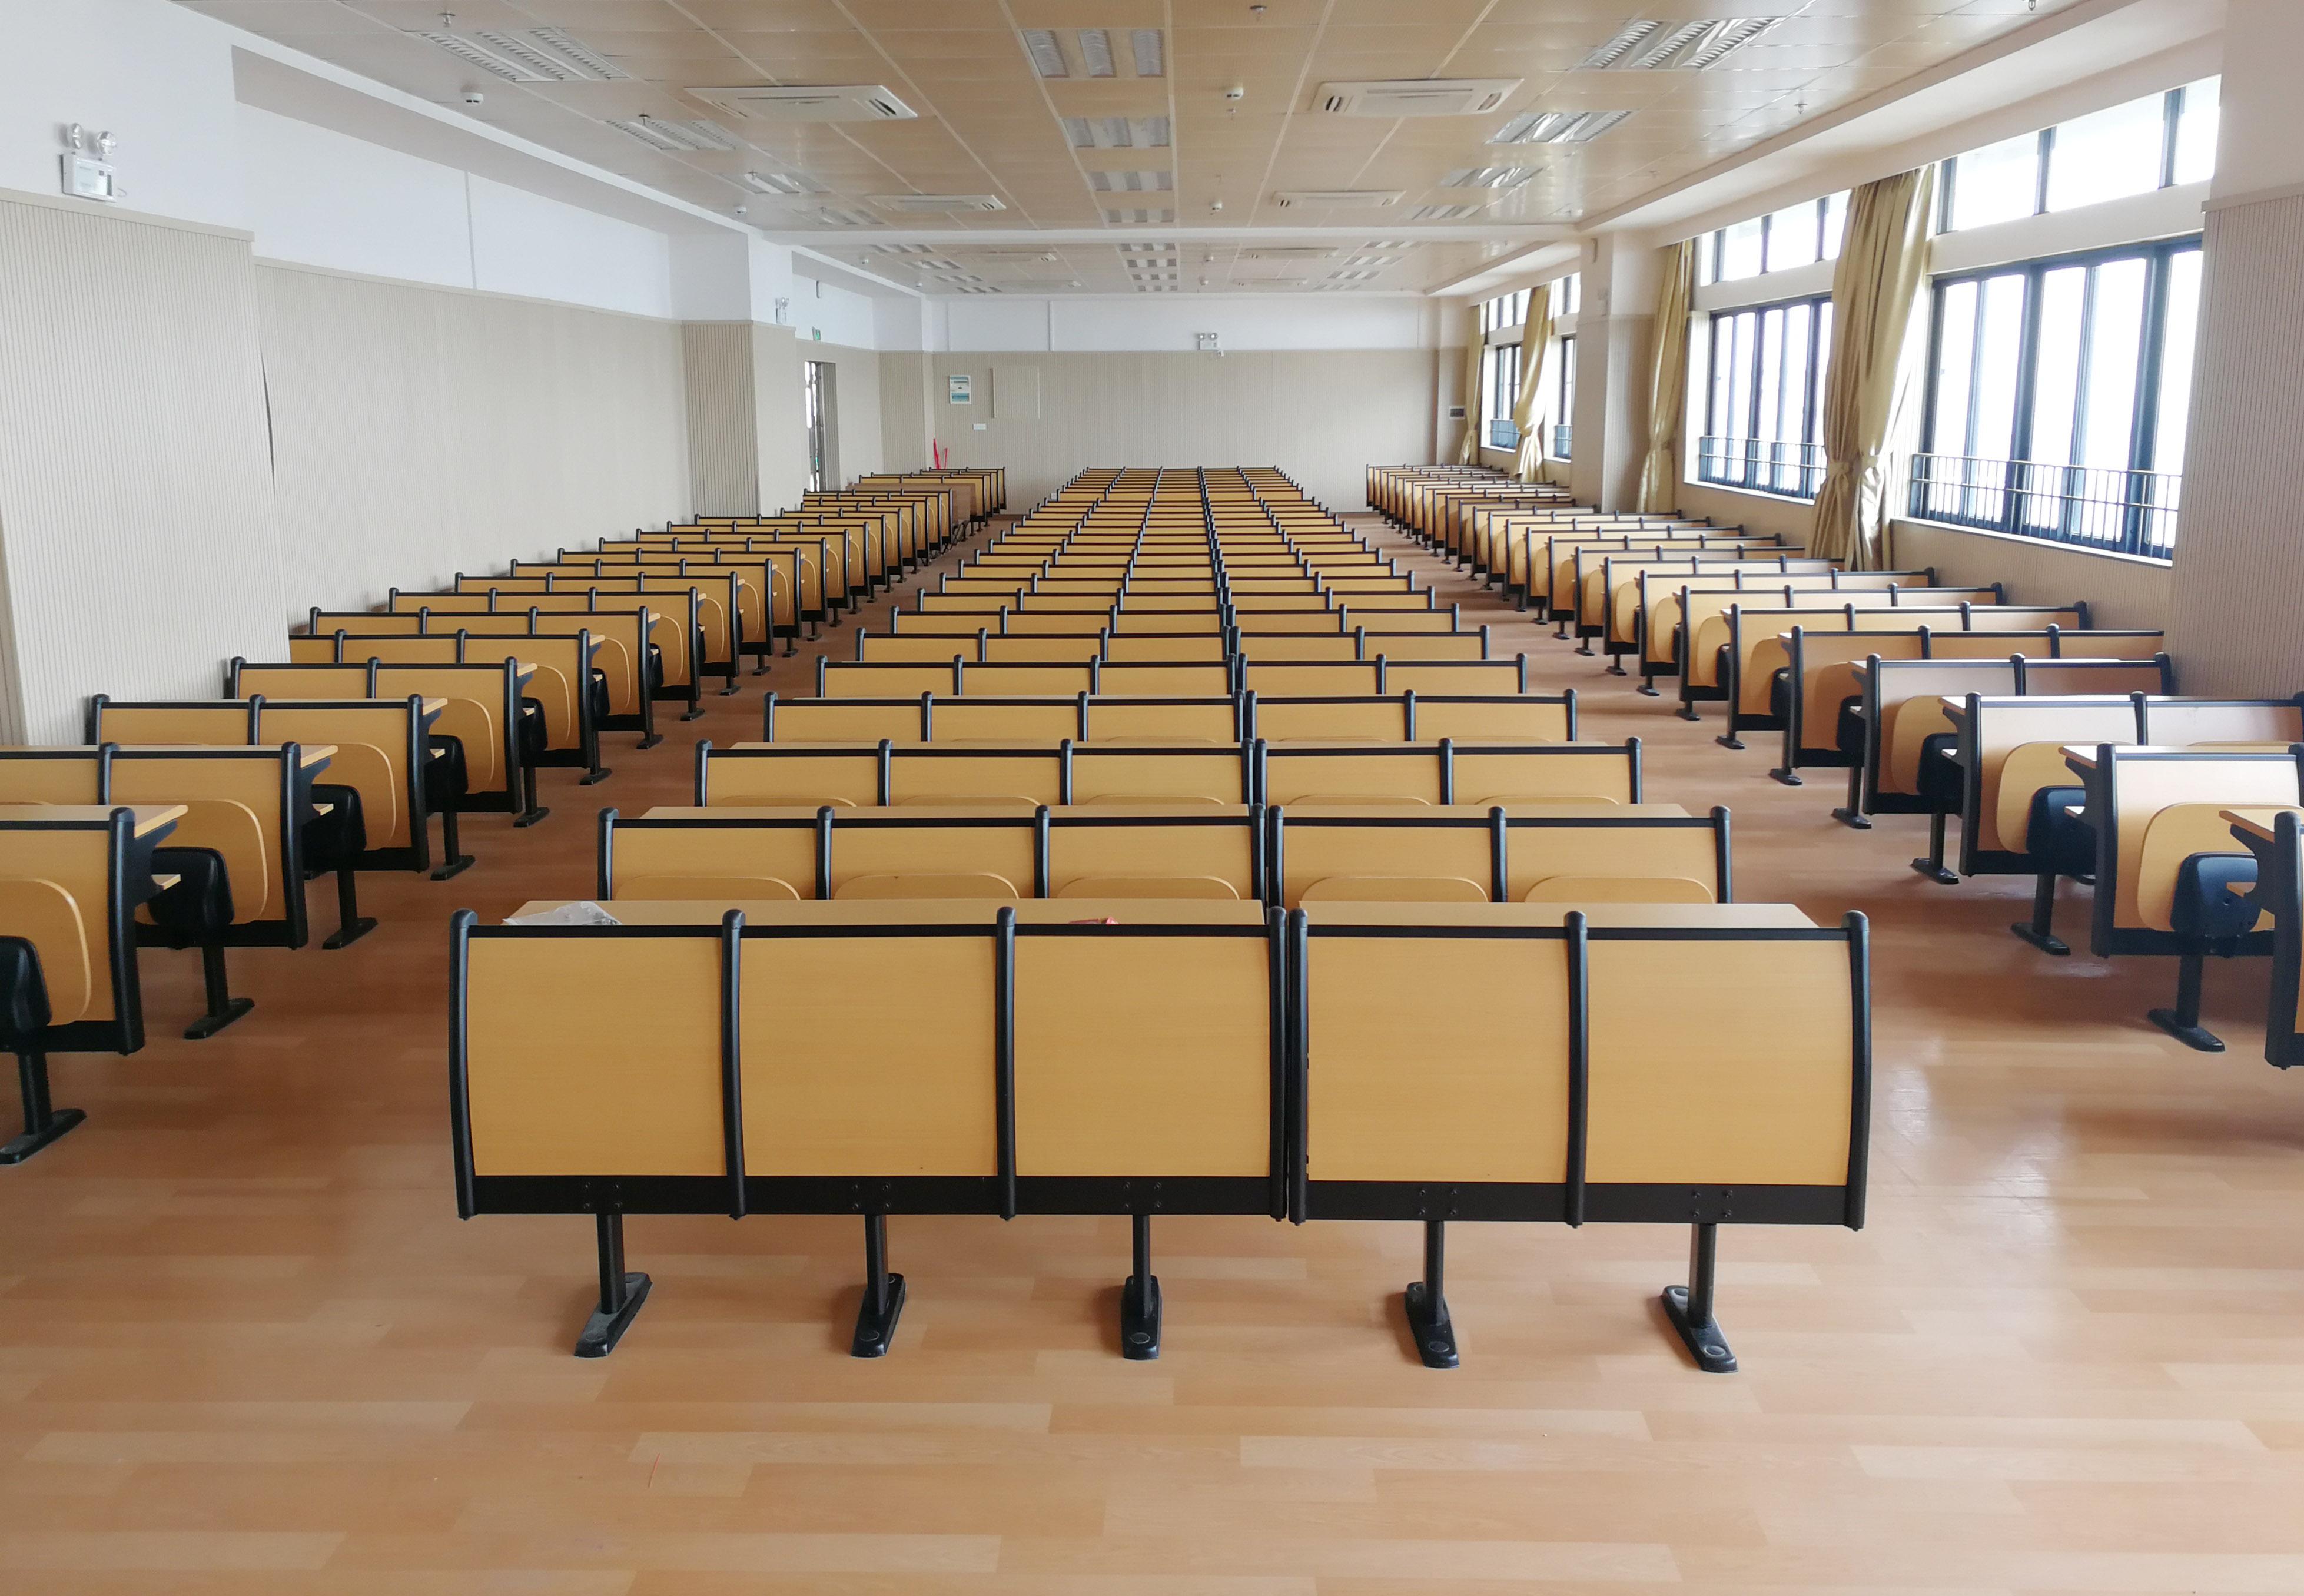 Экономические и классический дизайн мебели для классных комнат школьные парты мебельные стулья школы хорошая цена Хунцзи от известного бренда